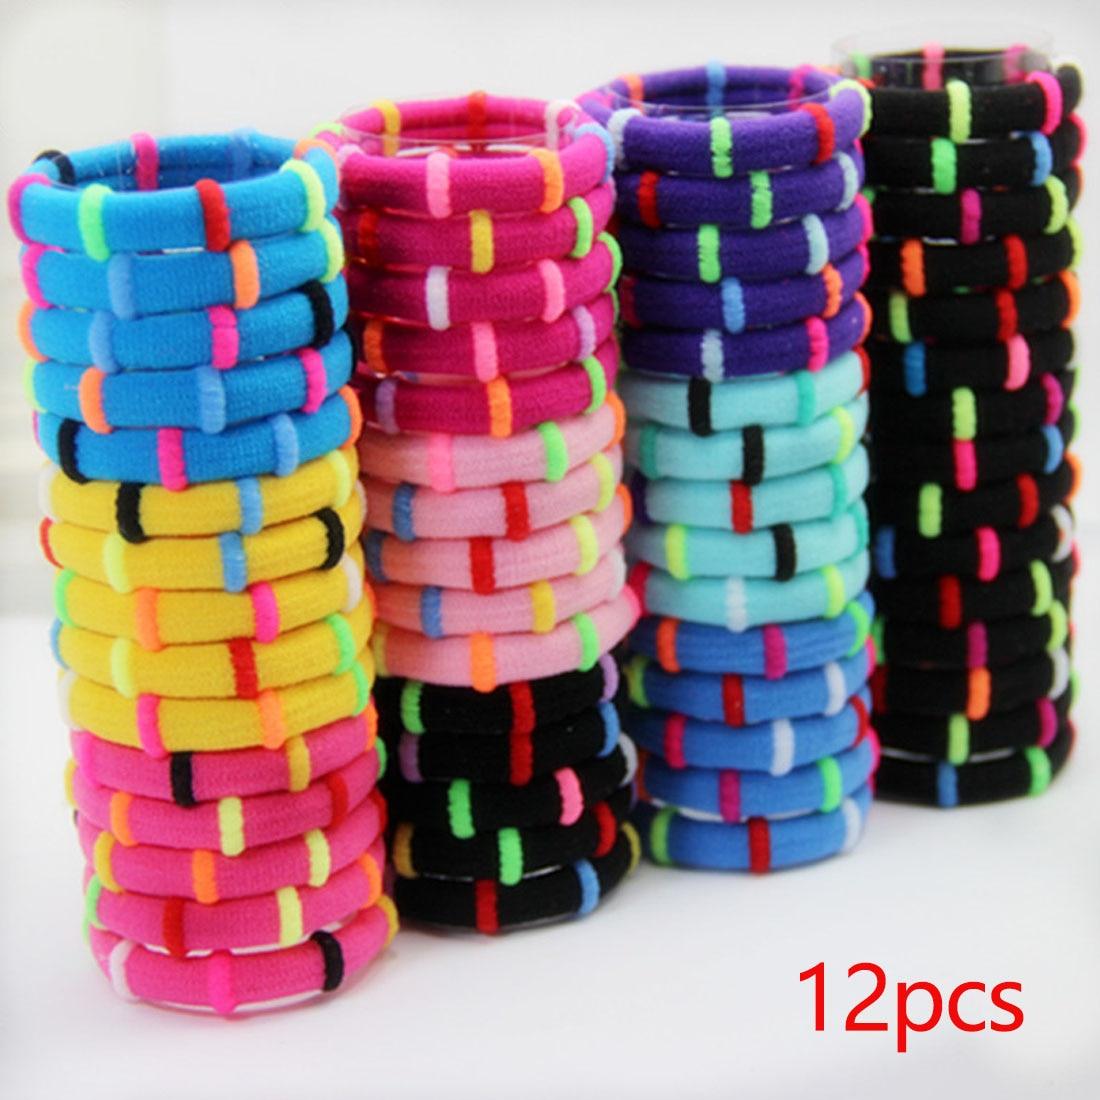 1 Pack = 12 Stks Kleurrijke Leuke Meisjes Elastische Haarbanden Bamboe Gezamenlijke Creatieve Rubber Hoofdbanden Haaraccessoires Ring Gom Houder